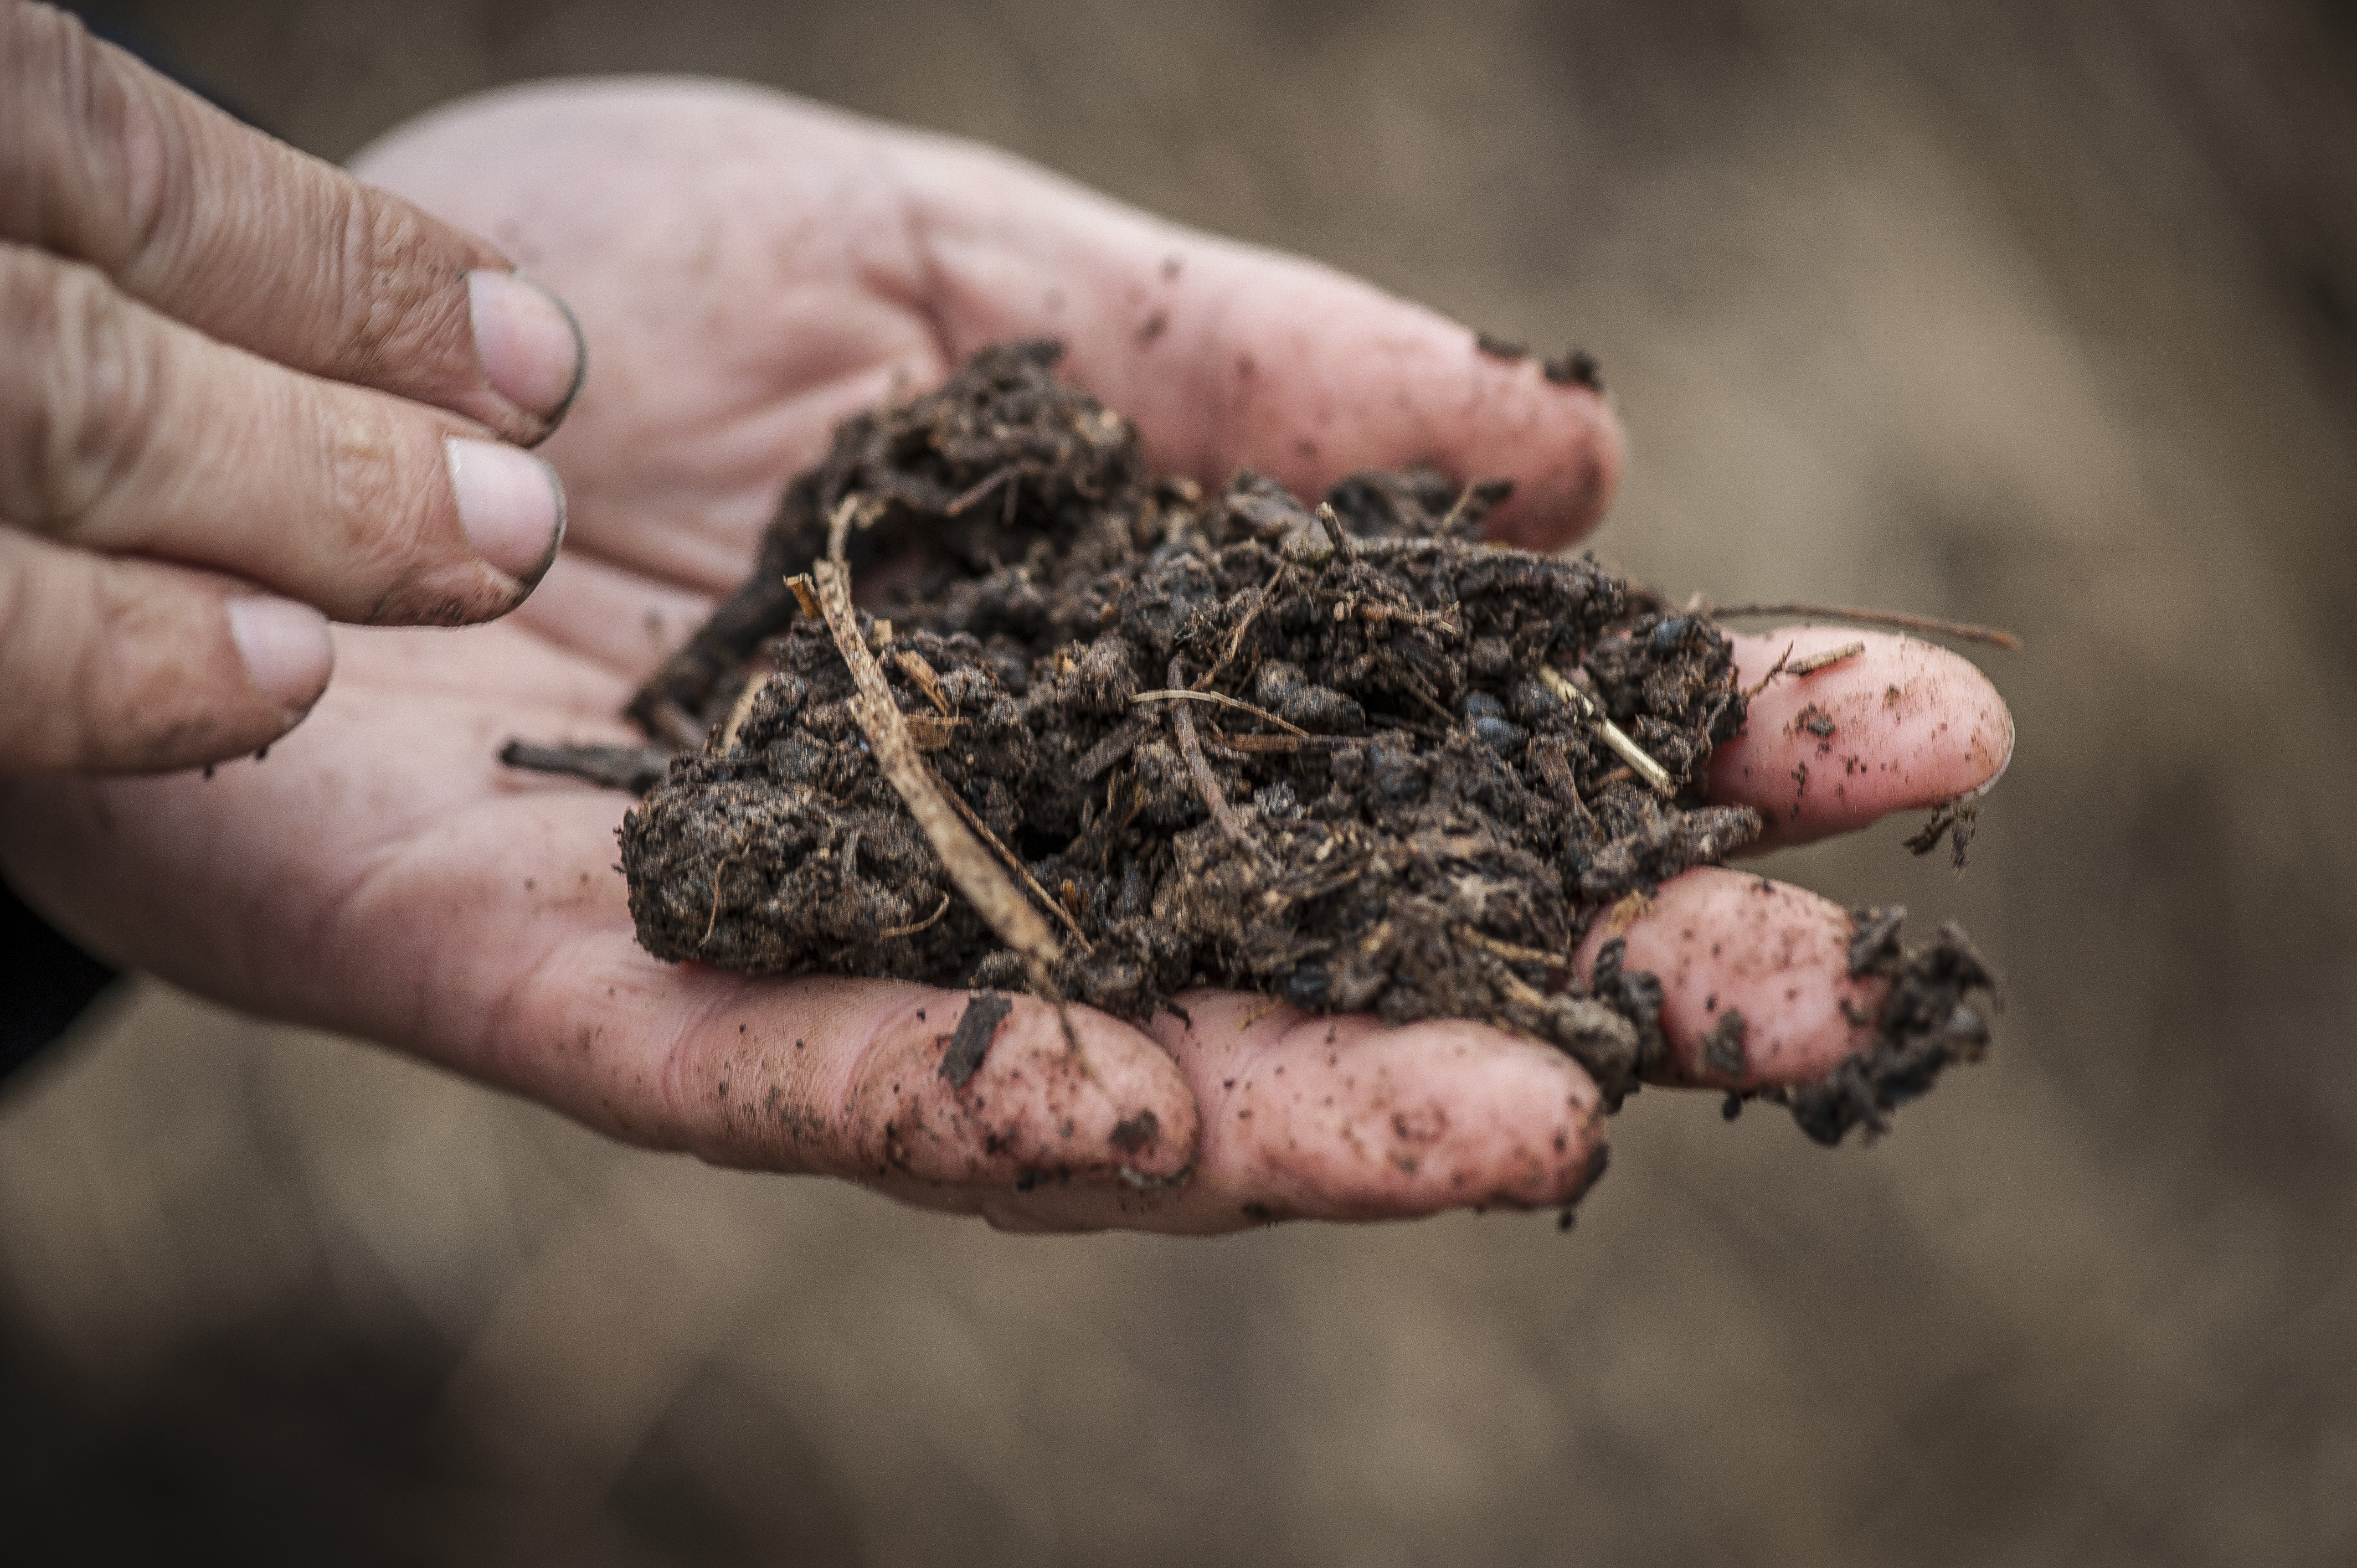 Gesunder Boden - Die Suche nach dem Regenwurm